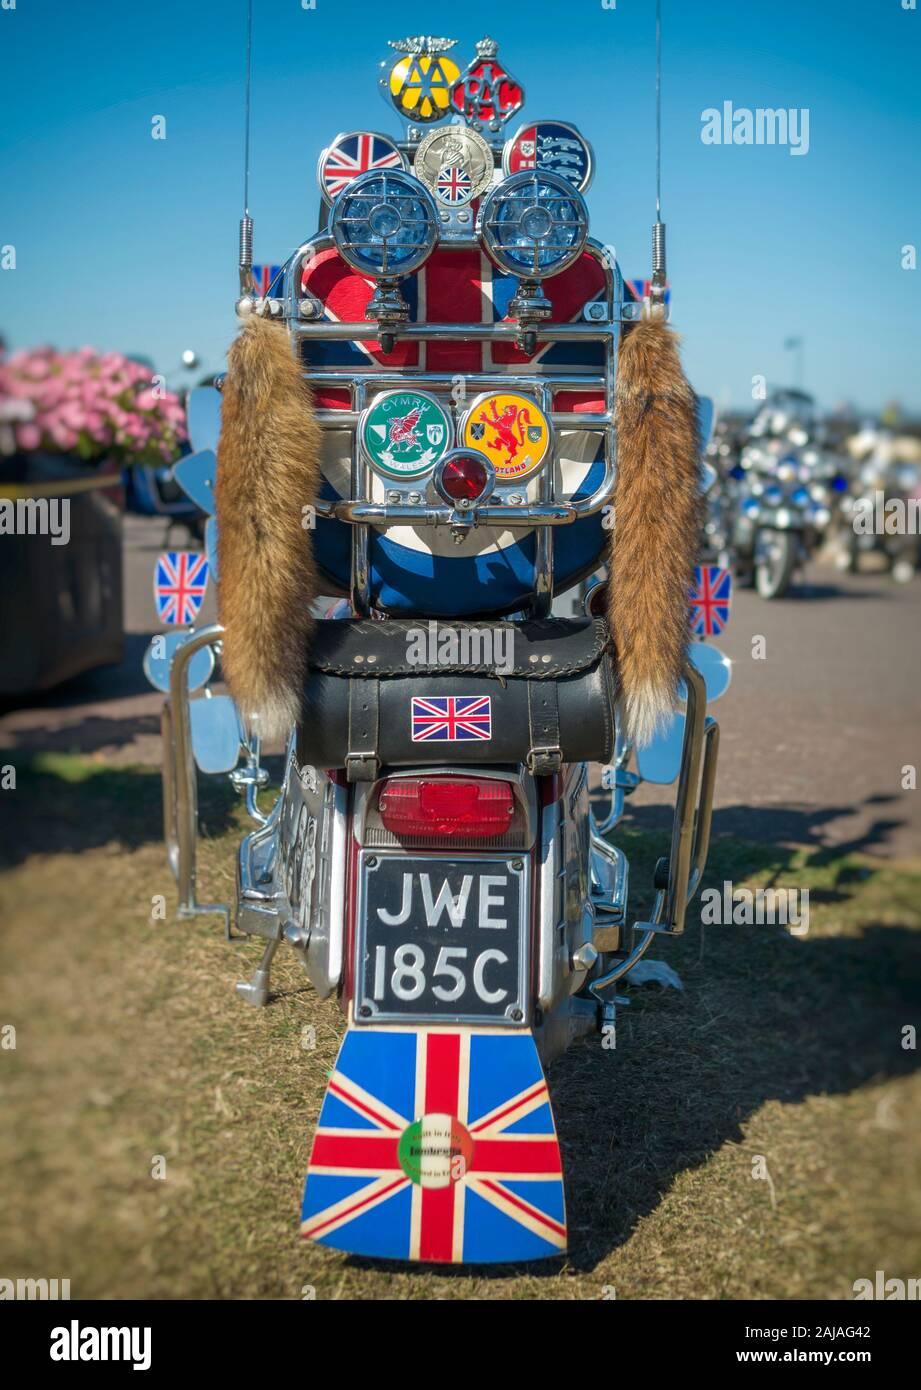 Vue arrière d'un Scooter Lambretta avec insignes et lumières Banque D'Images